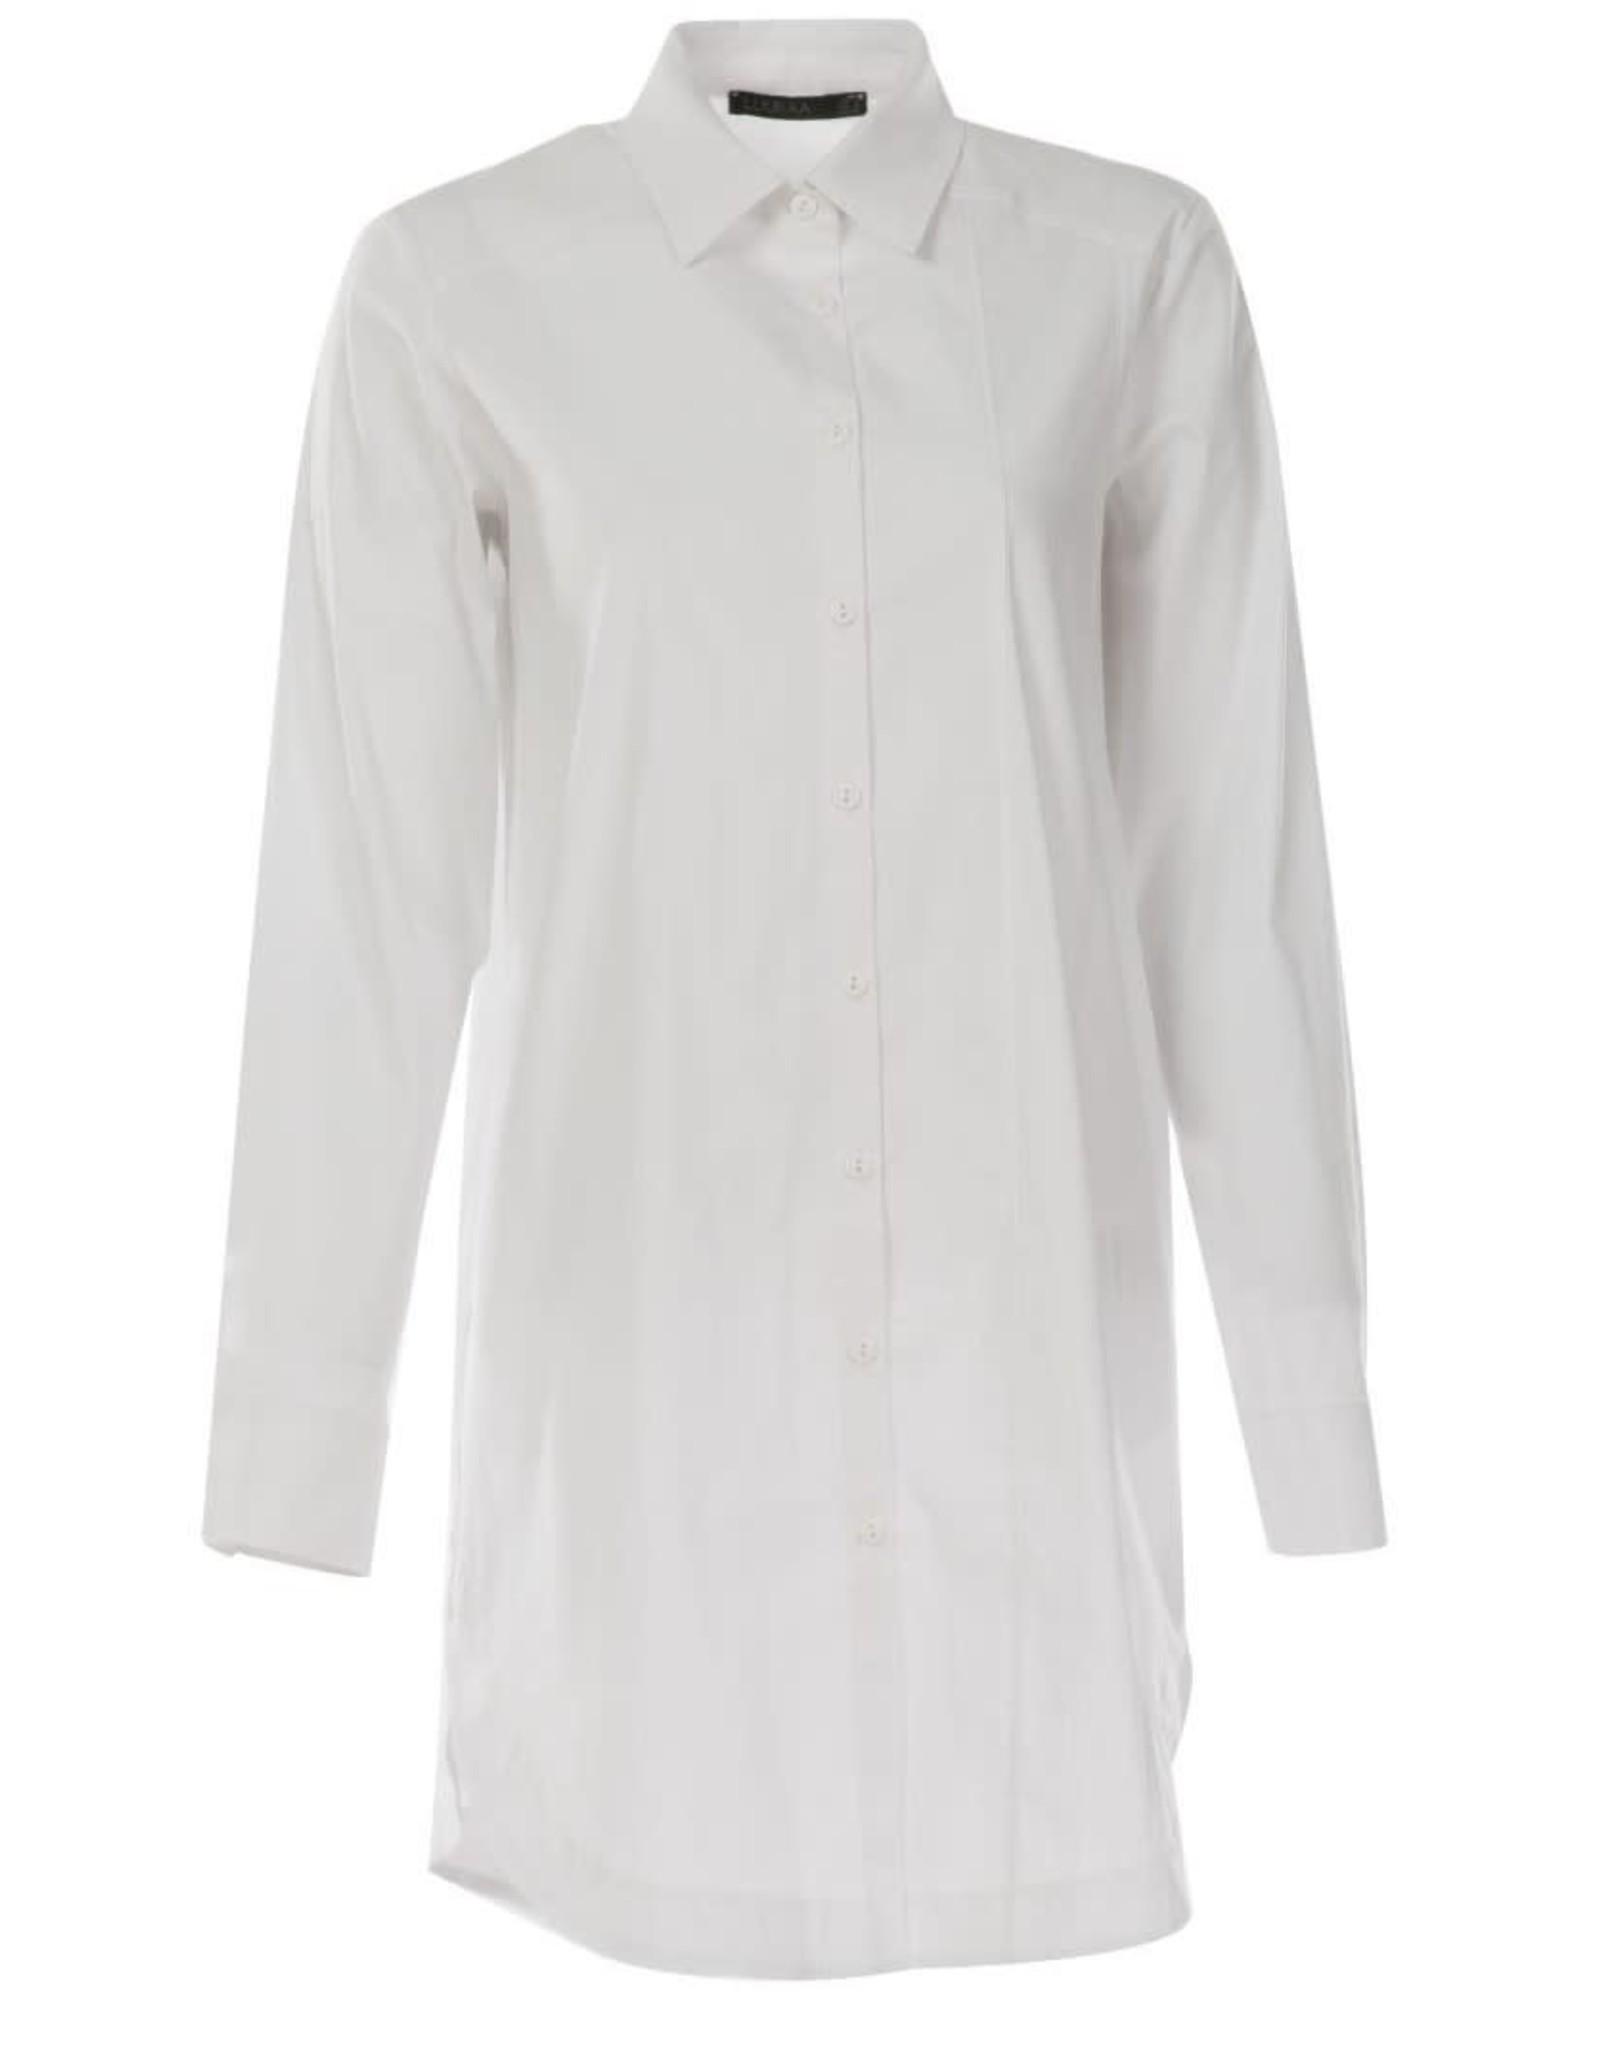 LUUKAA 20k101 martha shirt